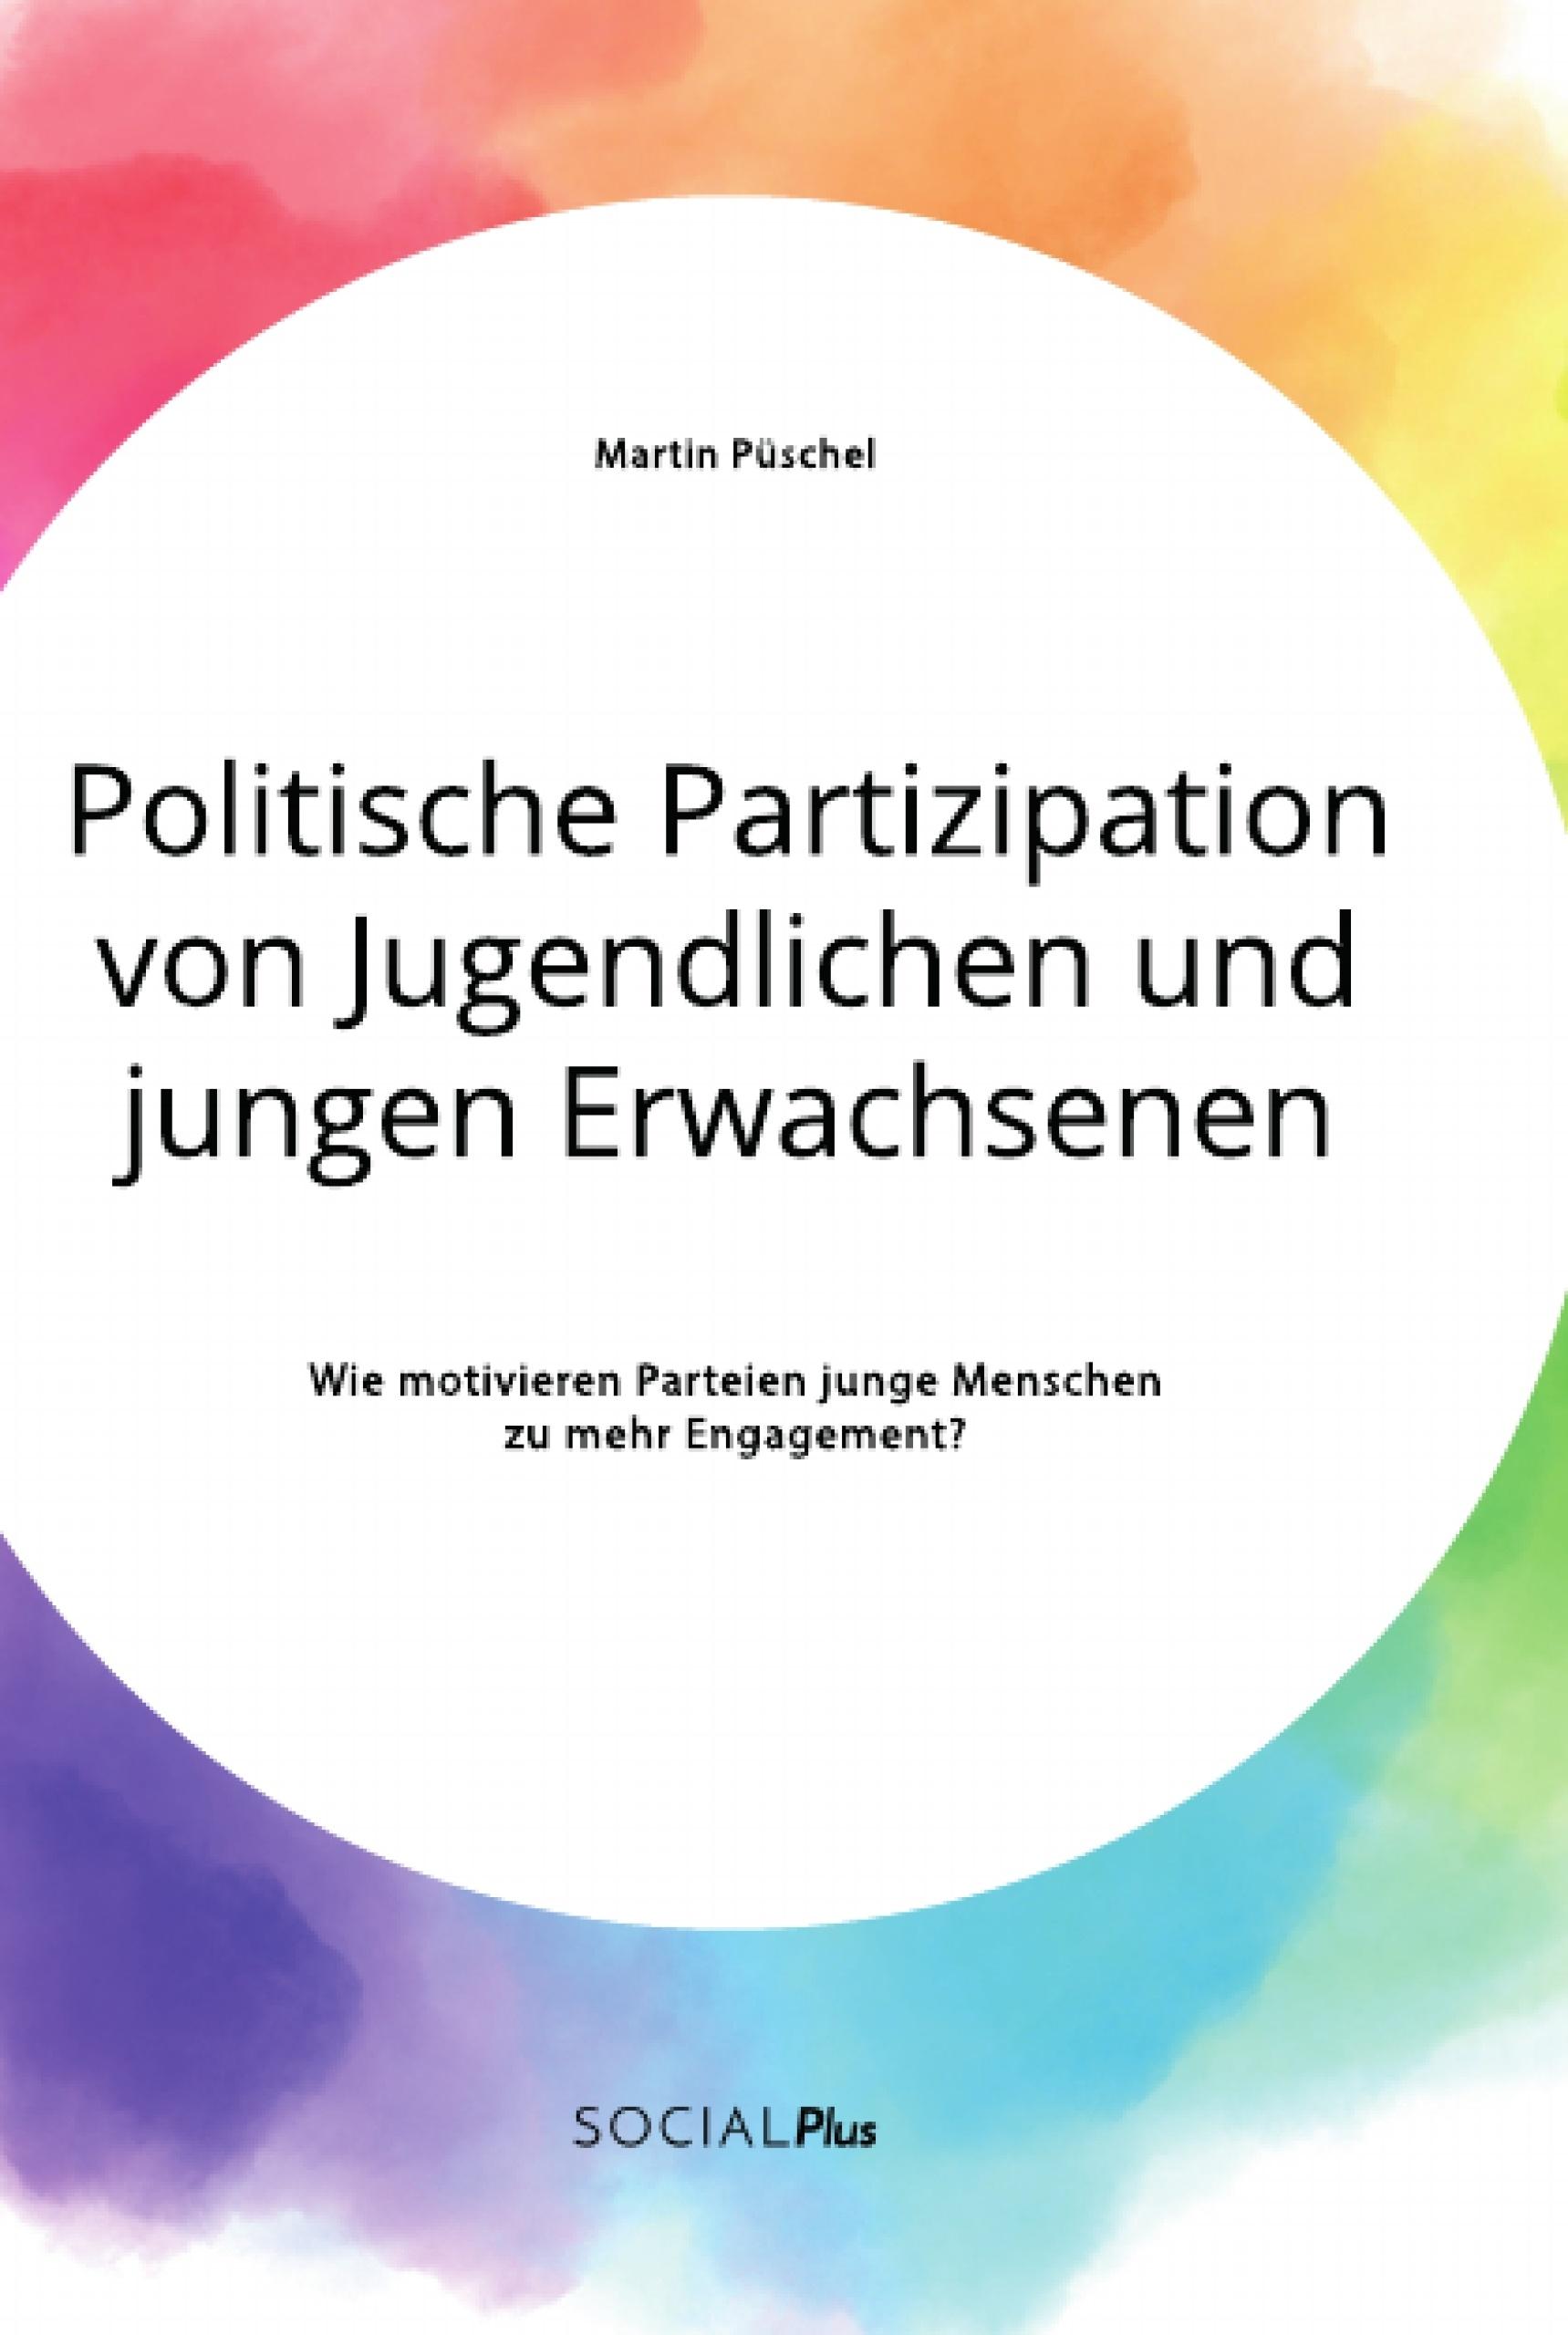 Titel: Politische Partizipation von Jugendlichen und jungen Erwachsenen. Wie motivieren Parteien junge Menschen zu mehr Engagement?